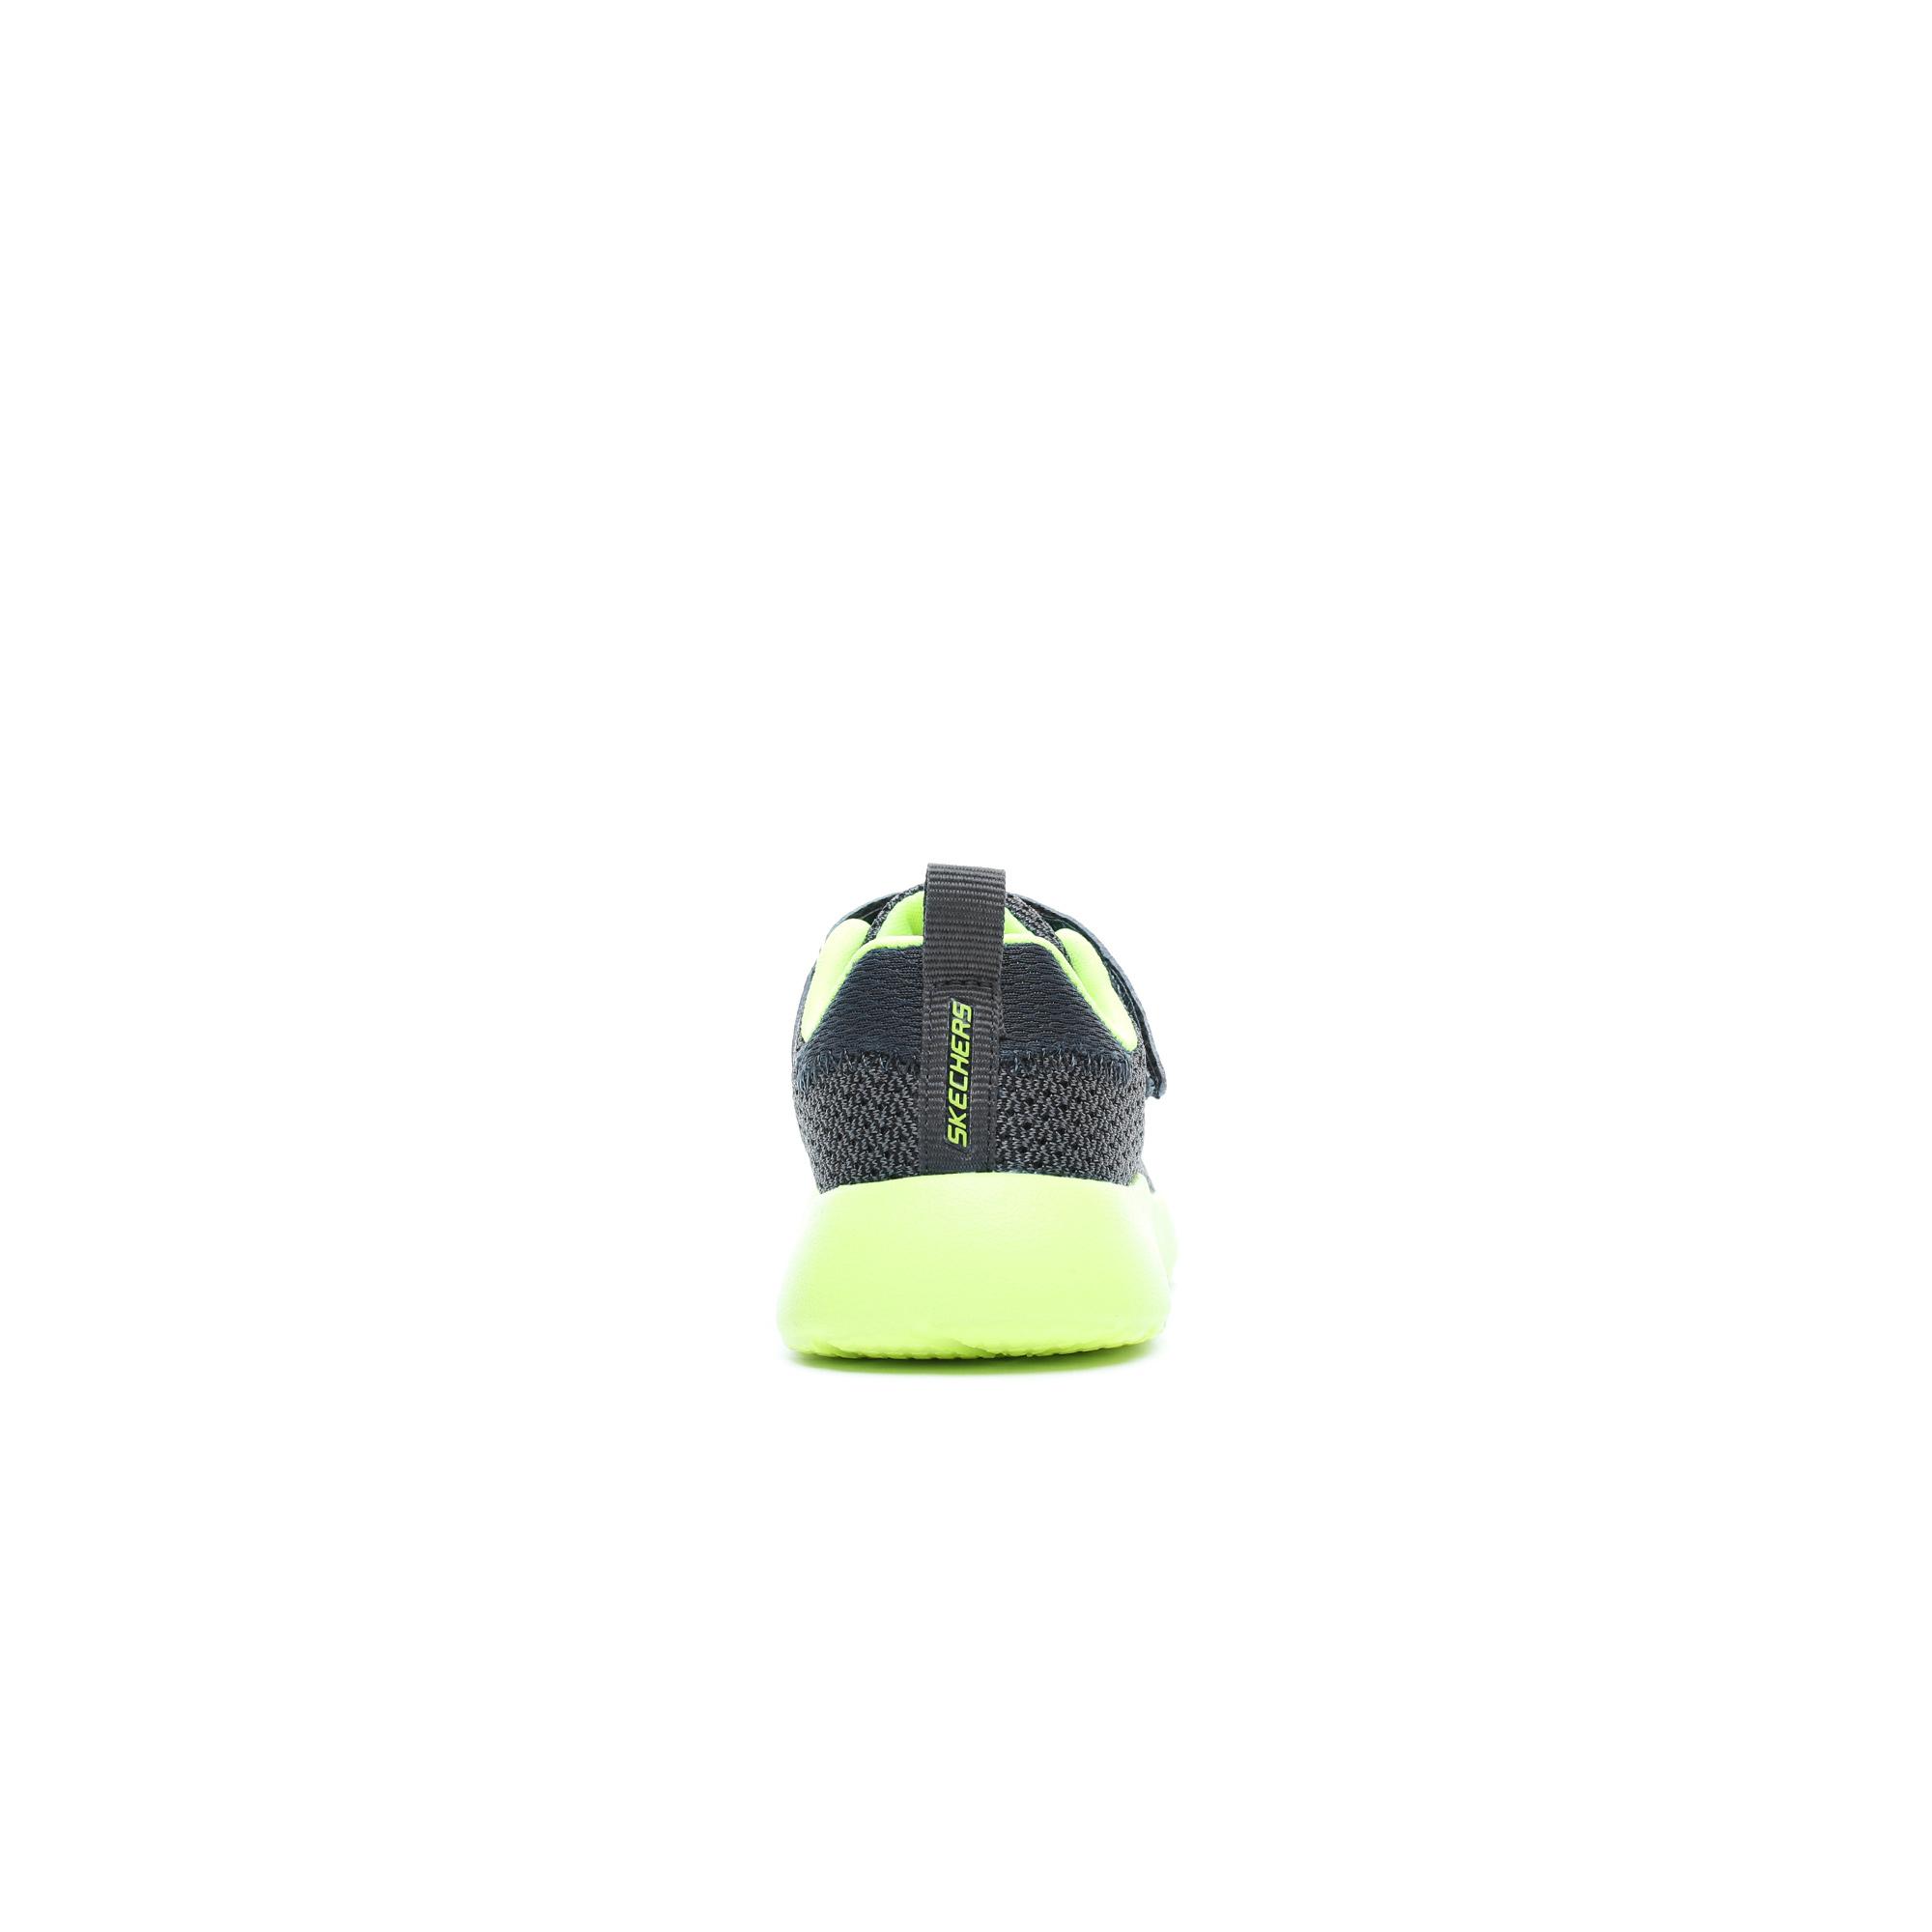 Skechers Dynamight Çocuk Gri-Yeşil Sneaker